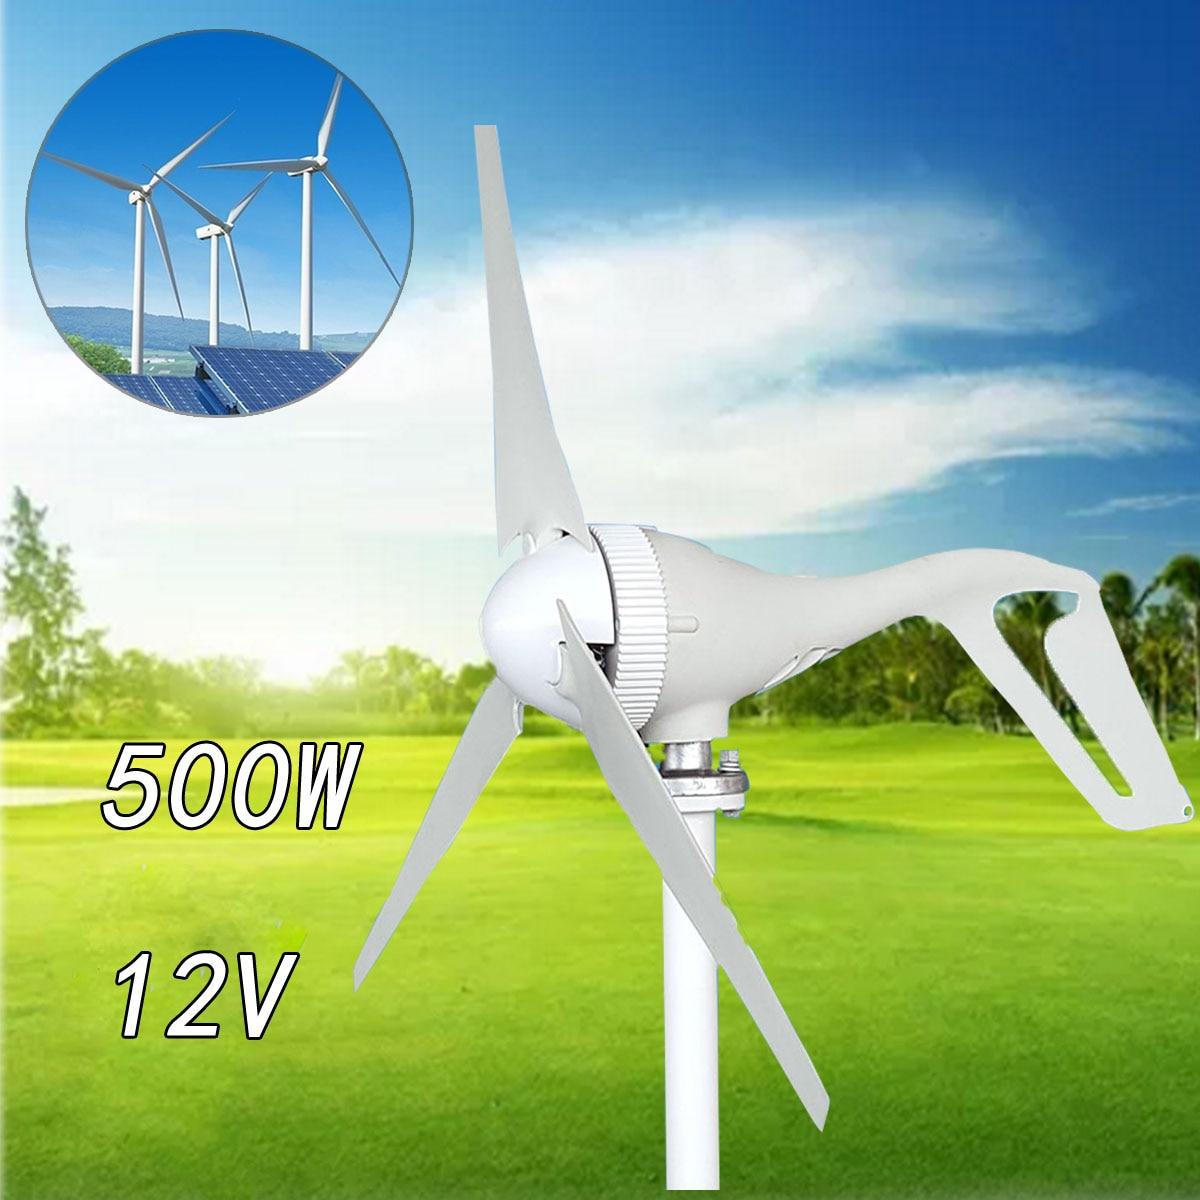 Générateur de vent automatique Becornce 500W 12V 3 pales avec contrôleur de vent 600W pour lampadaire Hyb rid